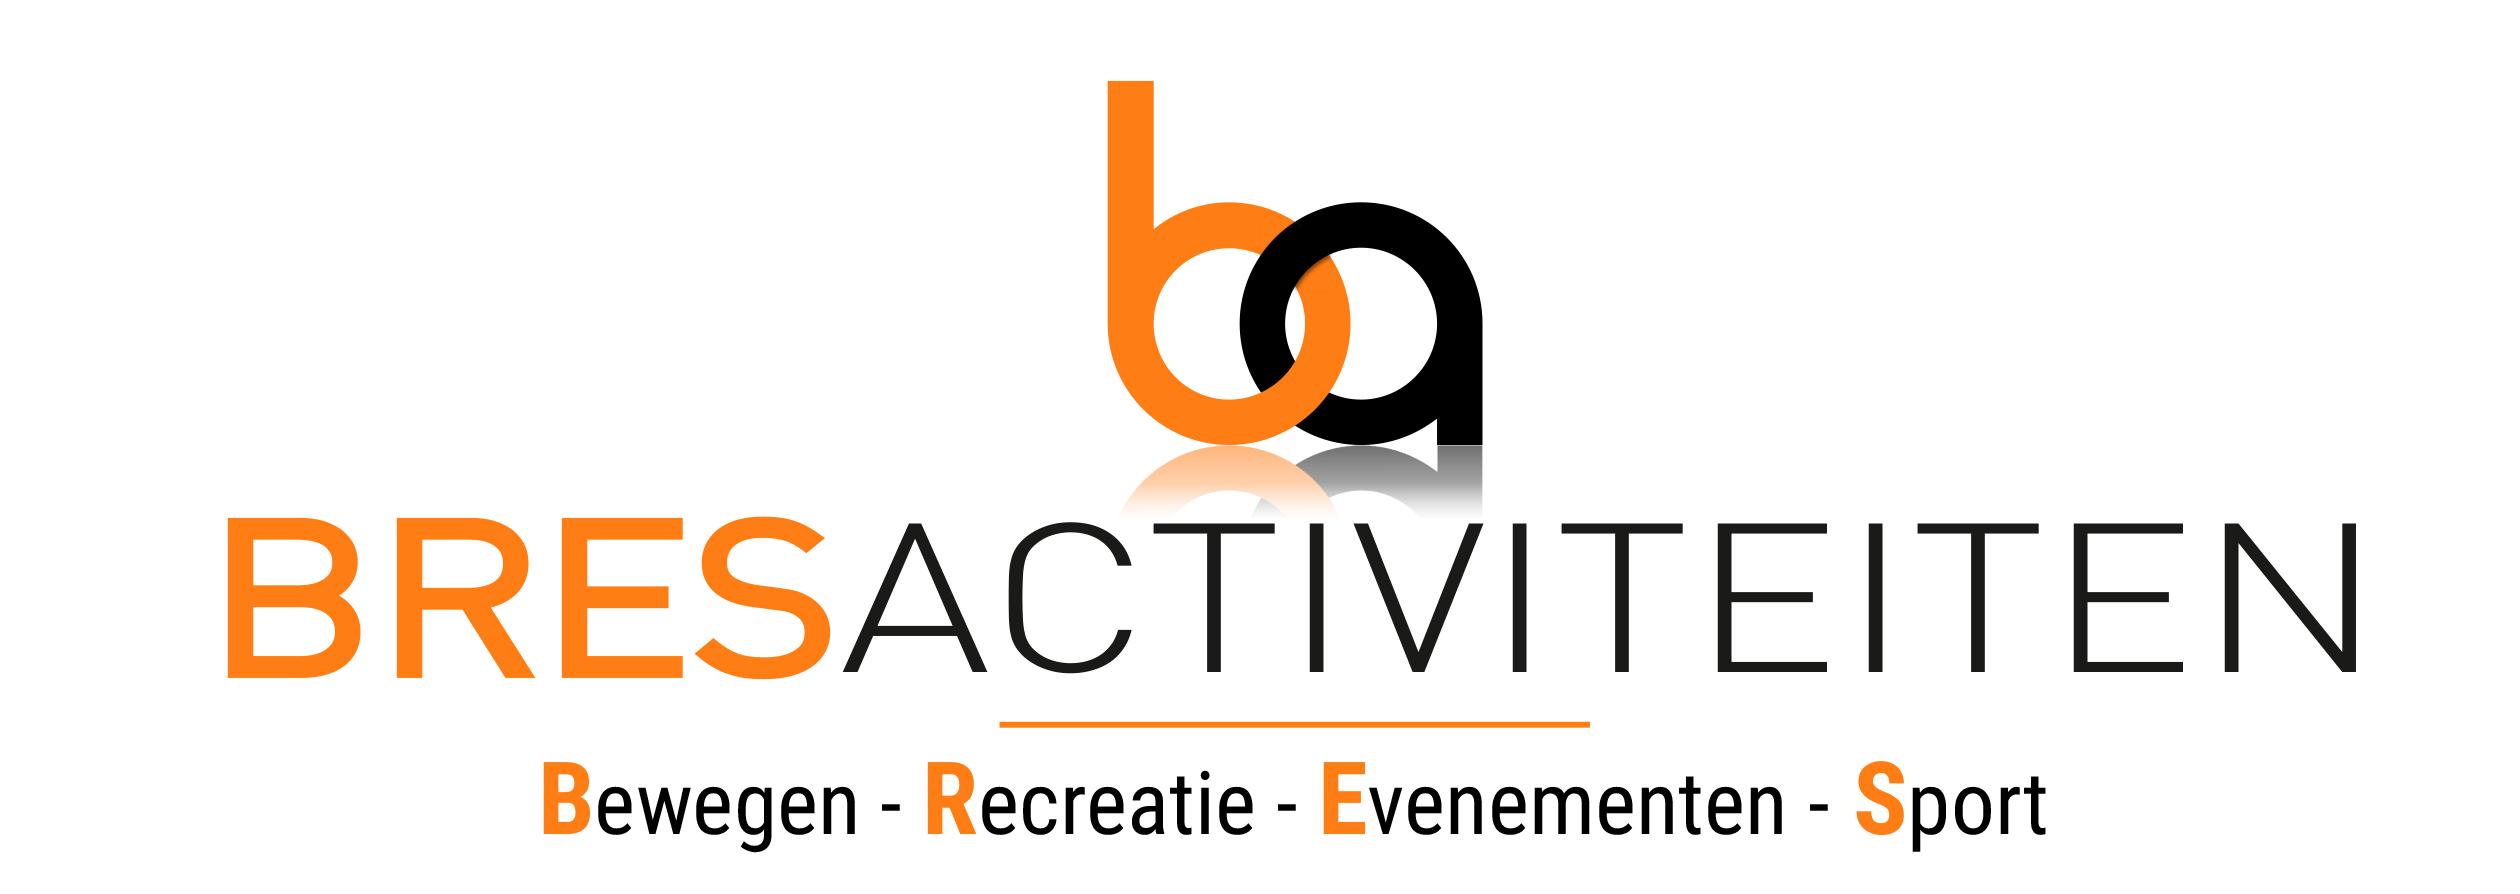 BRES Activiteiten - PM3O